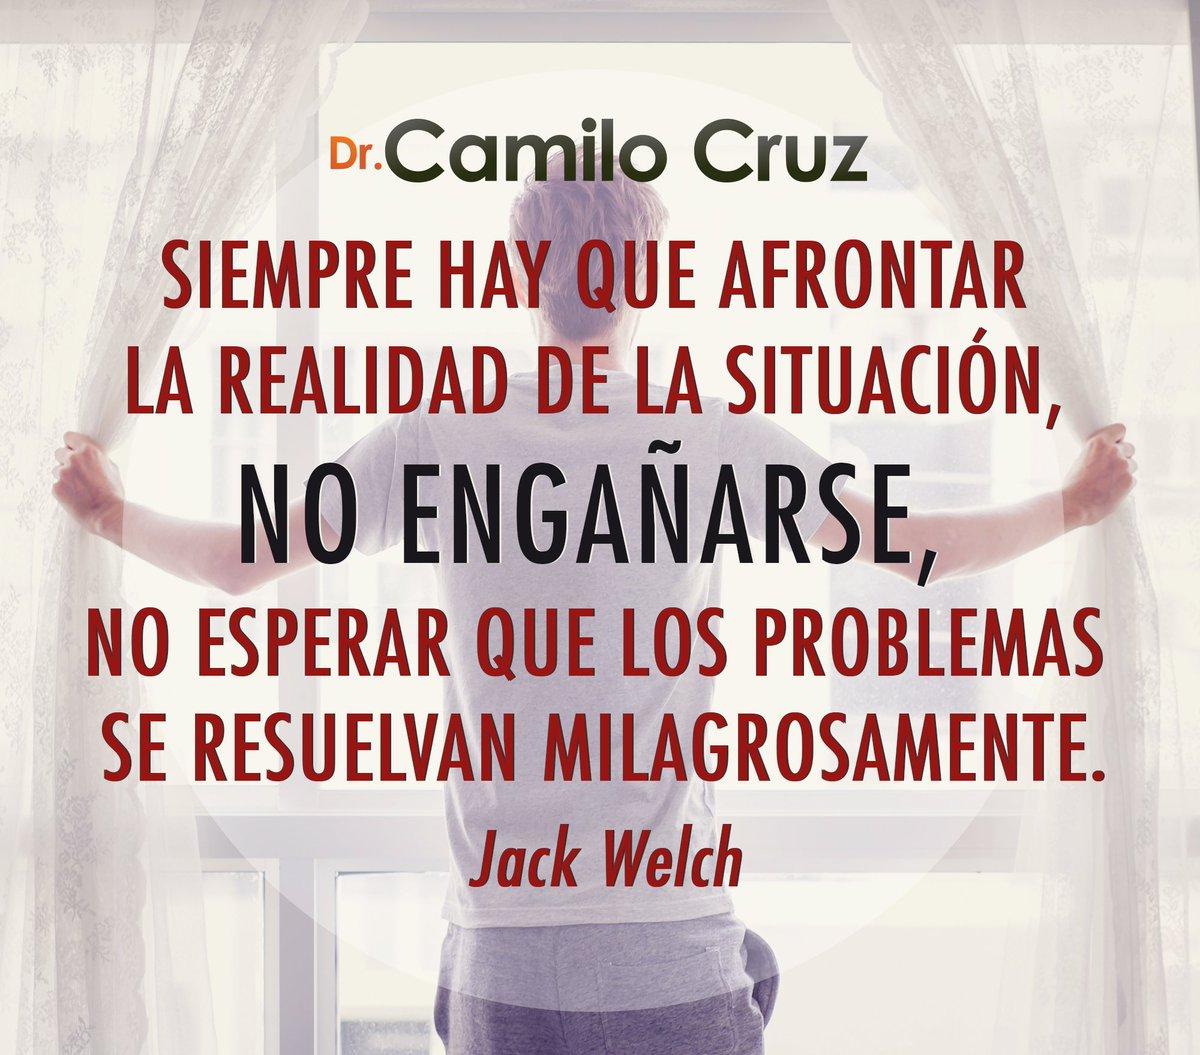 Camilo Cruz On Twitter Siempre Hay Que Afrontar La